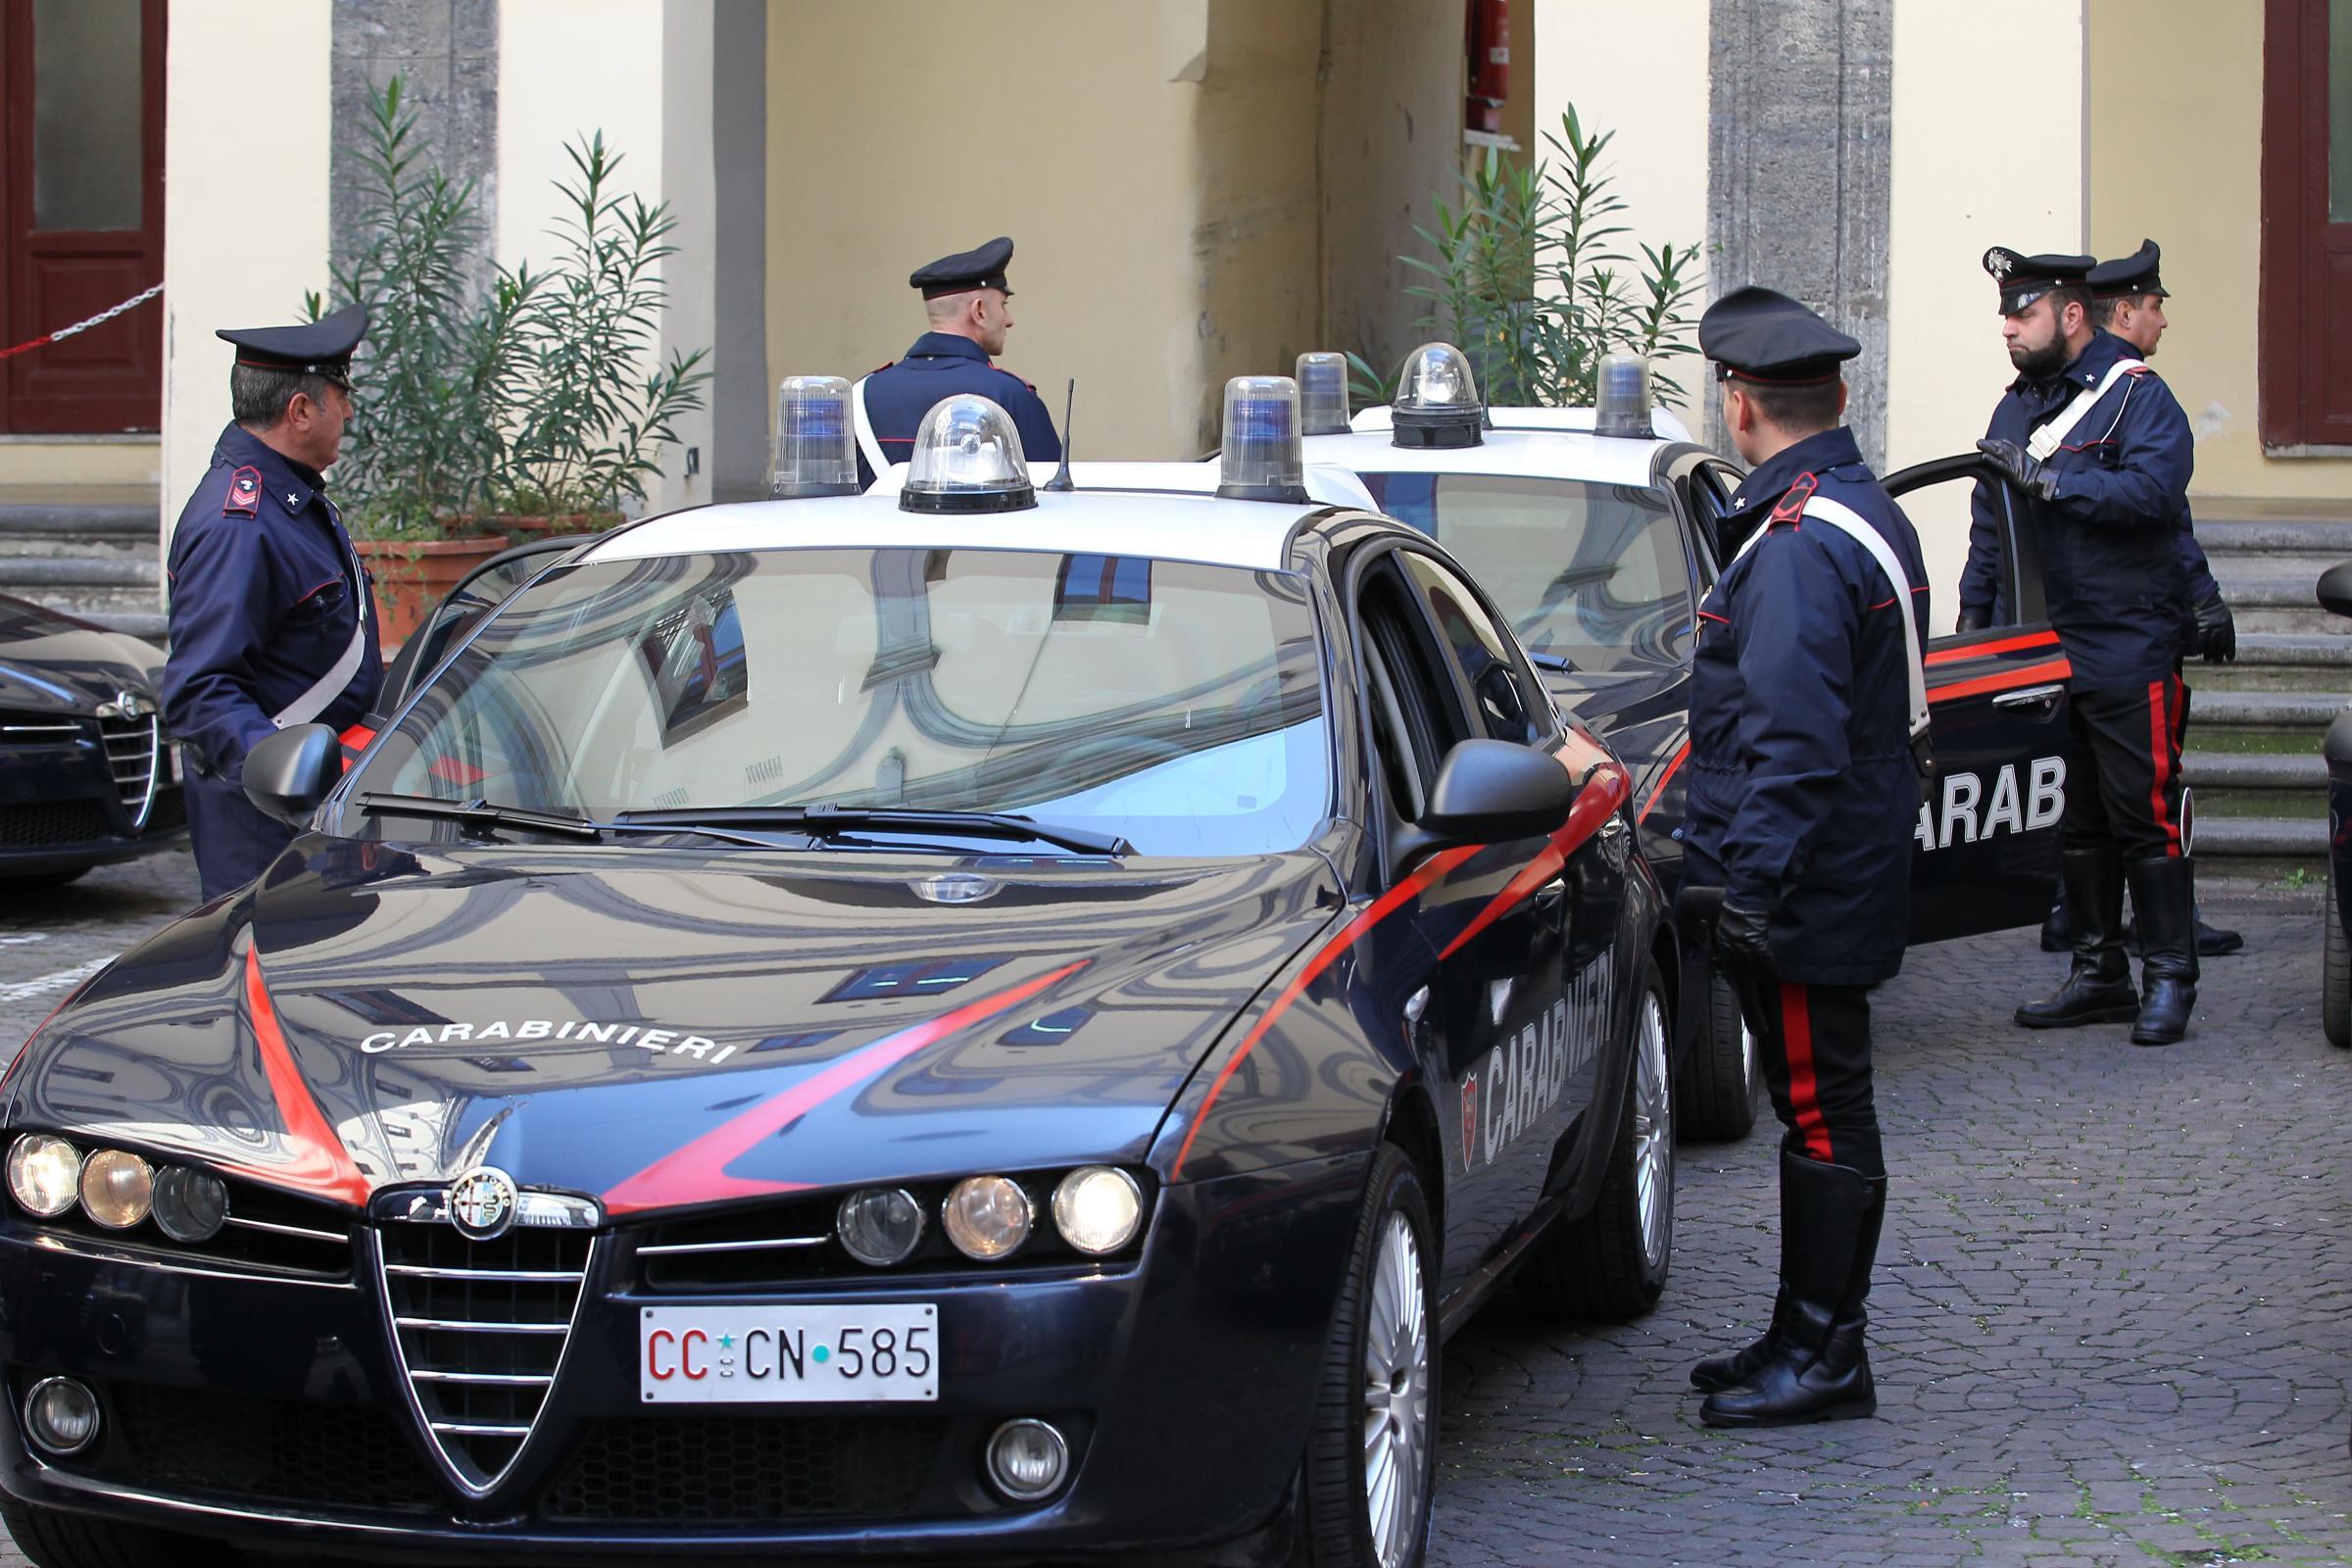 carabinieri-arrestati-lunigiana